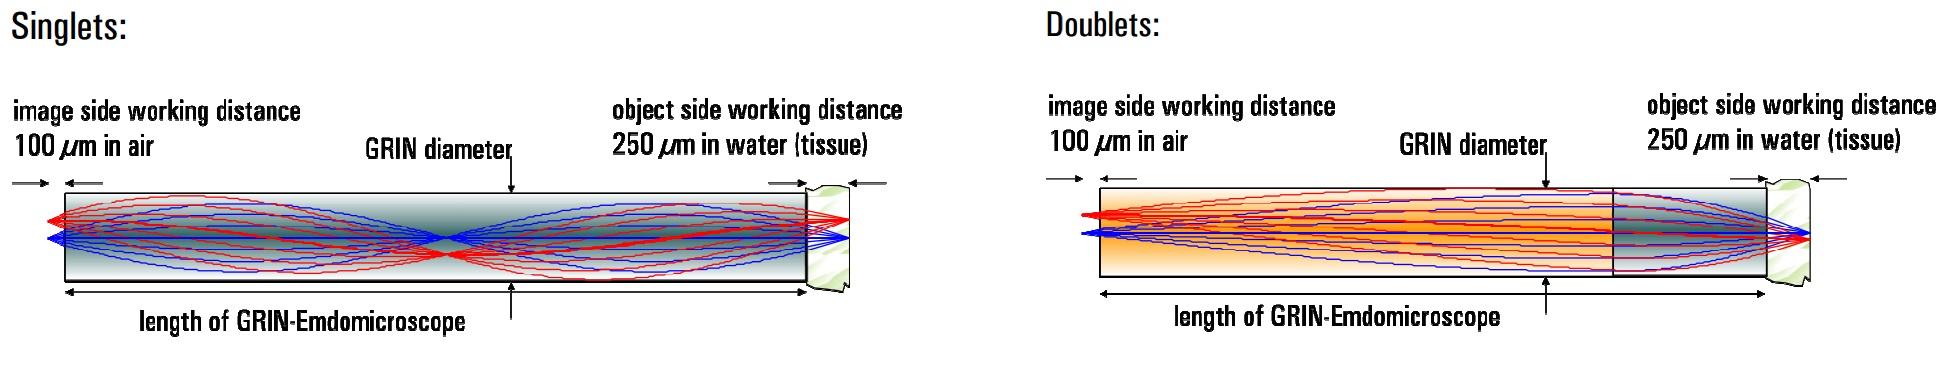 ニードルタイプ内視鏡用GRINレンズ(二光子顕微鏡用)